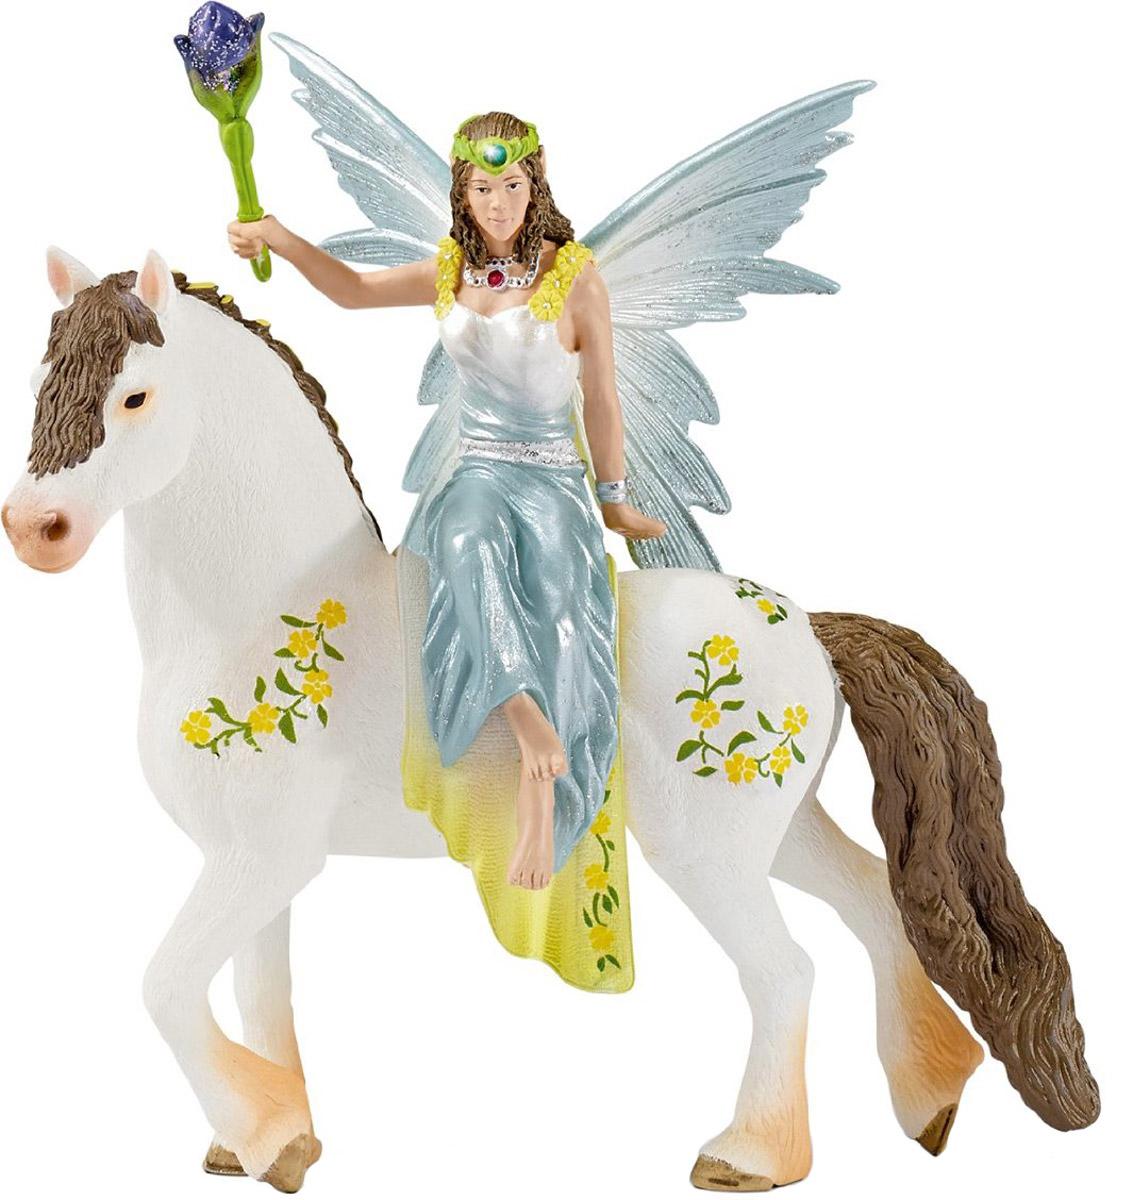 Schleich Фигурка Эльфийка Эяла на лошади70516Фигурка Schleich Эльфийка Эяла на лошади разнообразит сюжетно-ролевые фантастические игры вашего ребенка и станет прекрасным пополнением коллекции эльфов от Schleich. Эяла - лучшая подруга феи из сказочной страны Bayala. Вместе со всеми эльфами она отправилась на фестиваль, а с собой Эяла взяла волшебный цветок, с помощью которого она намерена устроить сюрприз для своих друзей. Фигурка эльфа надежно держится на лошадке благодаря встроенному магниту. Прекрасно выполненные фигурки эльфов отличаются высочайшим качеством игрушек ручной работы.